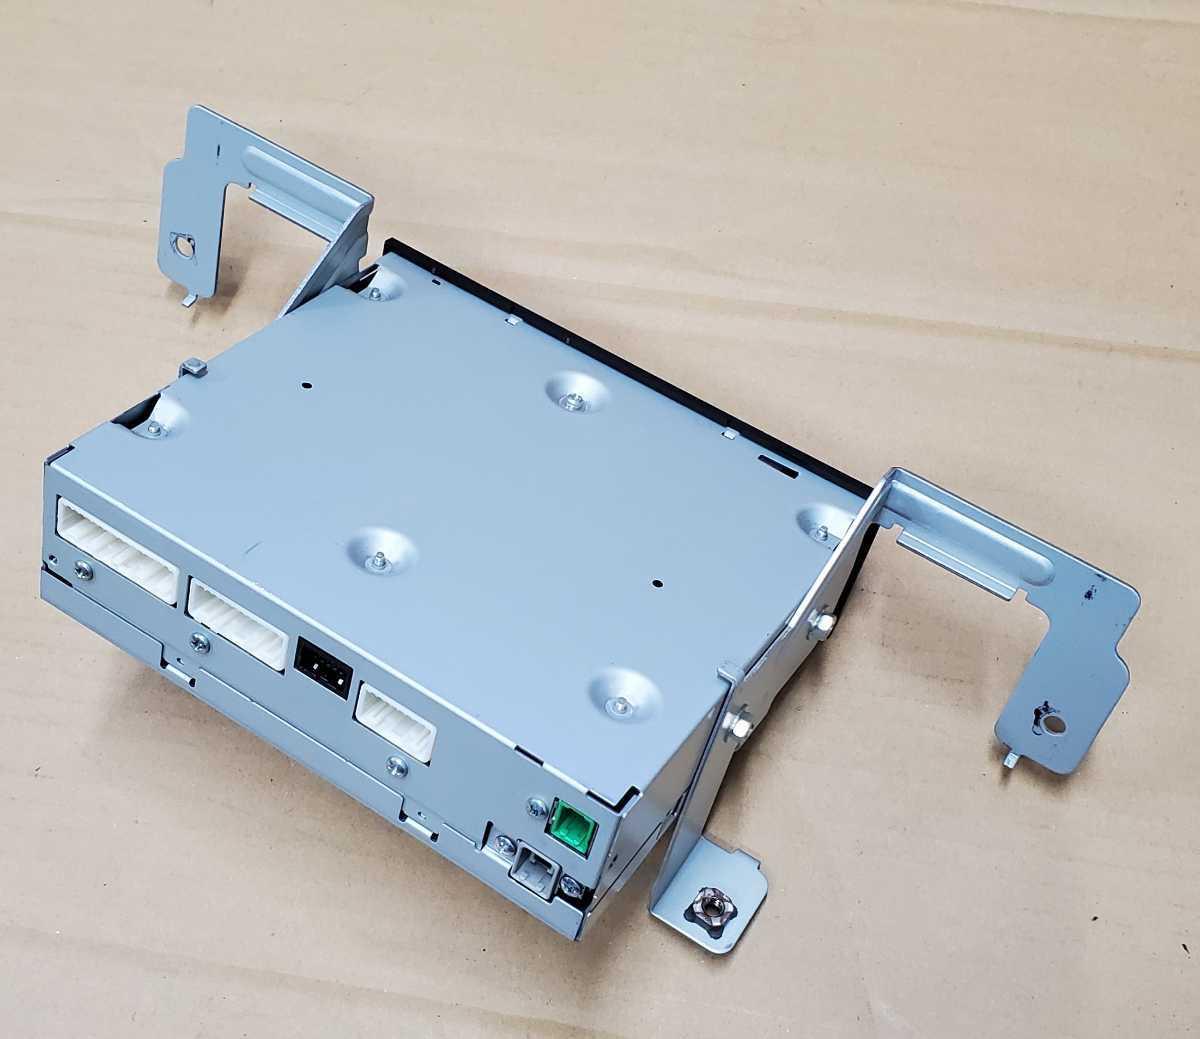 日産 フェアレディZ Z33 純正 後期 ナビ CCU-3406M 電源OK Bluetooth_画像4